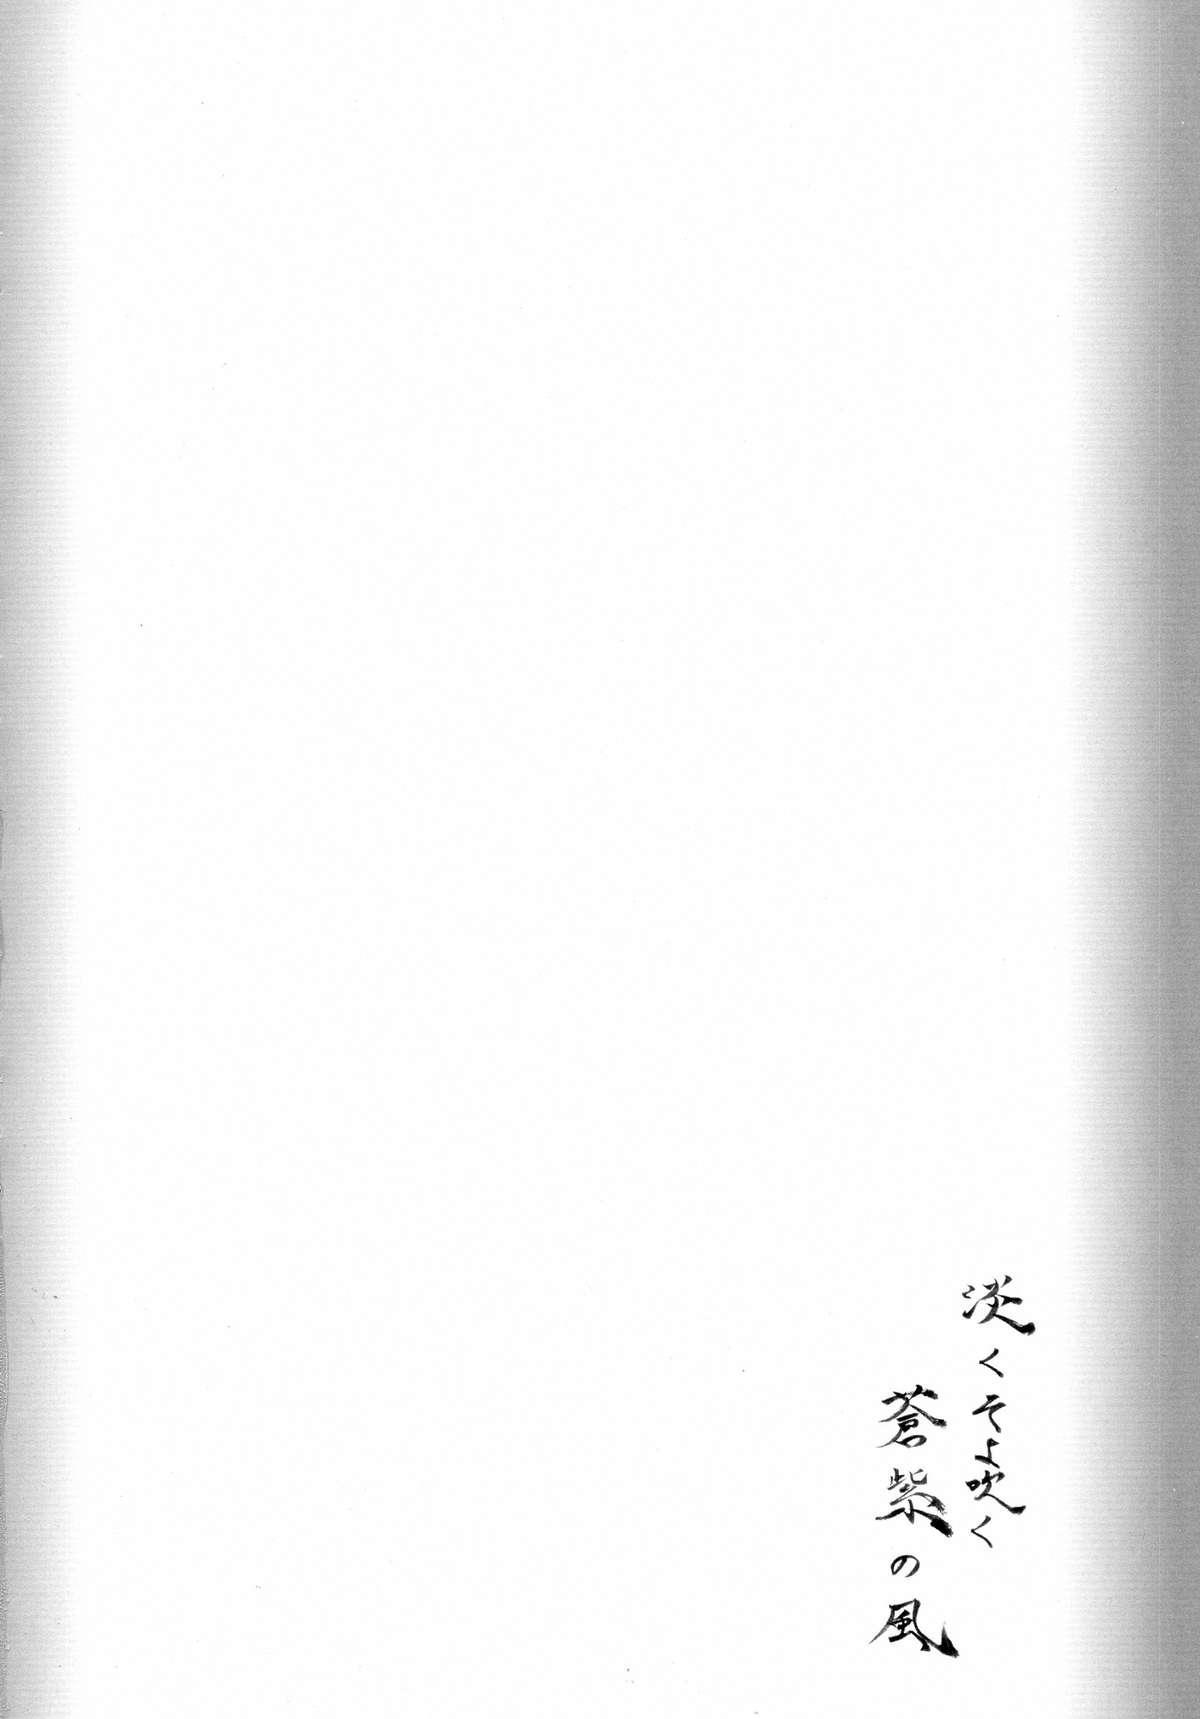 Awaku Soyofuku Ao Murasaki no Kaze 36